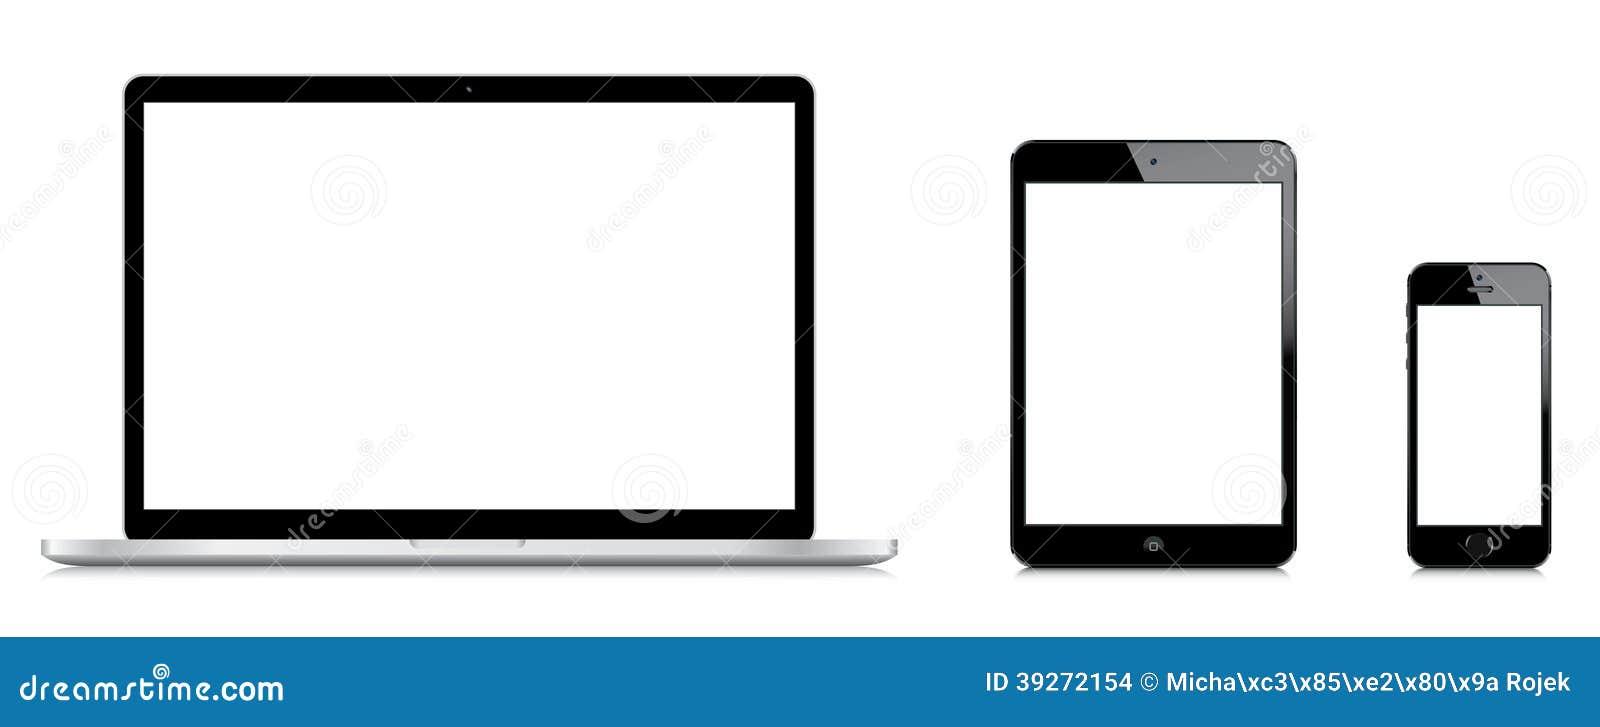 Comparación del favorable iPad de Macbook mini y del iPhone 5s